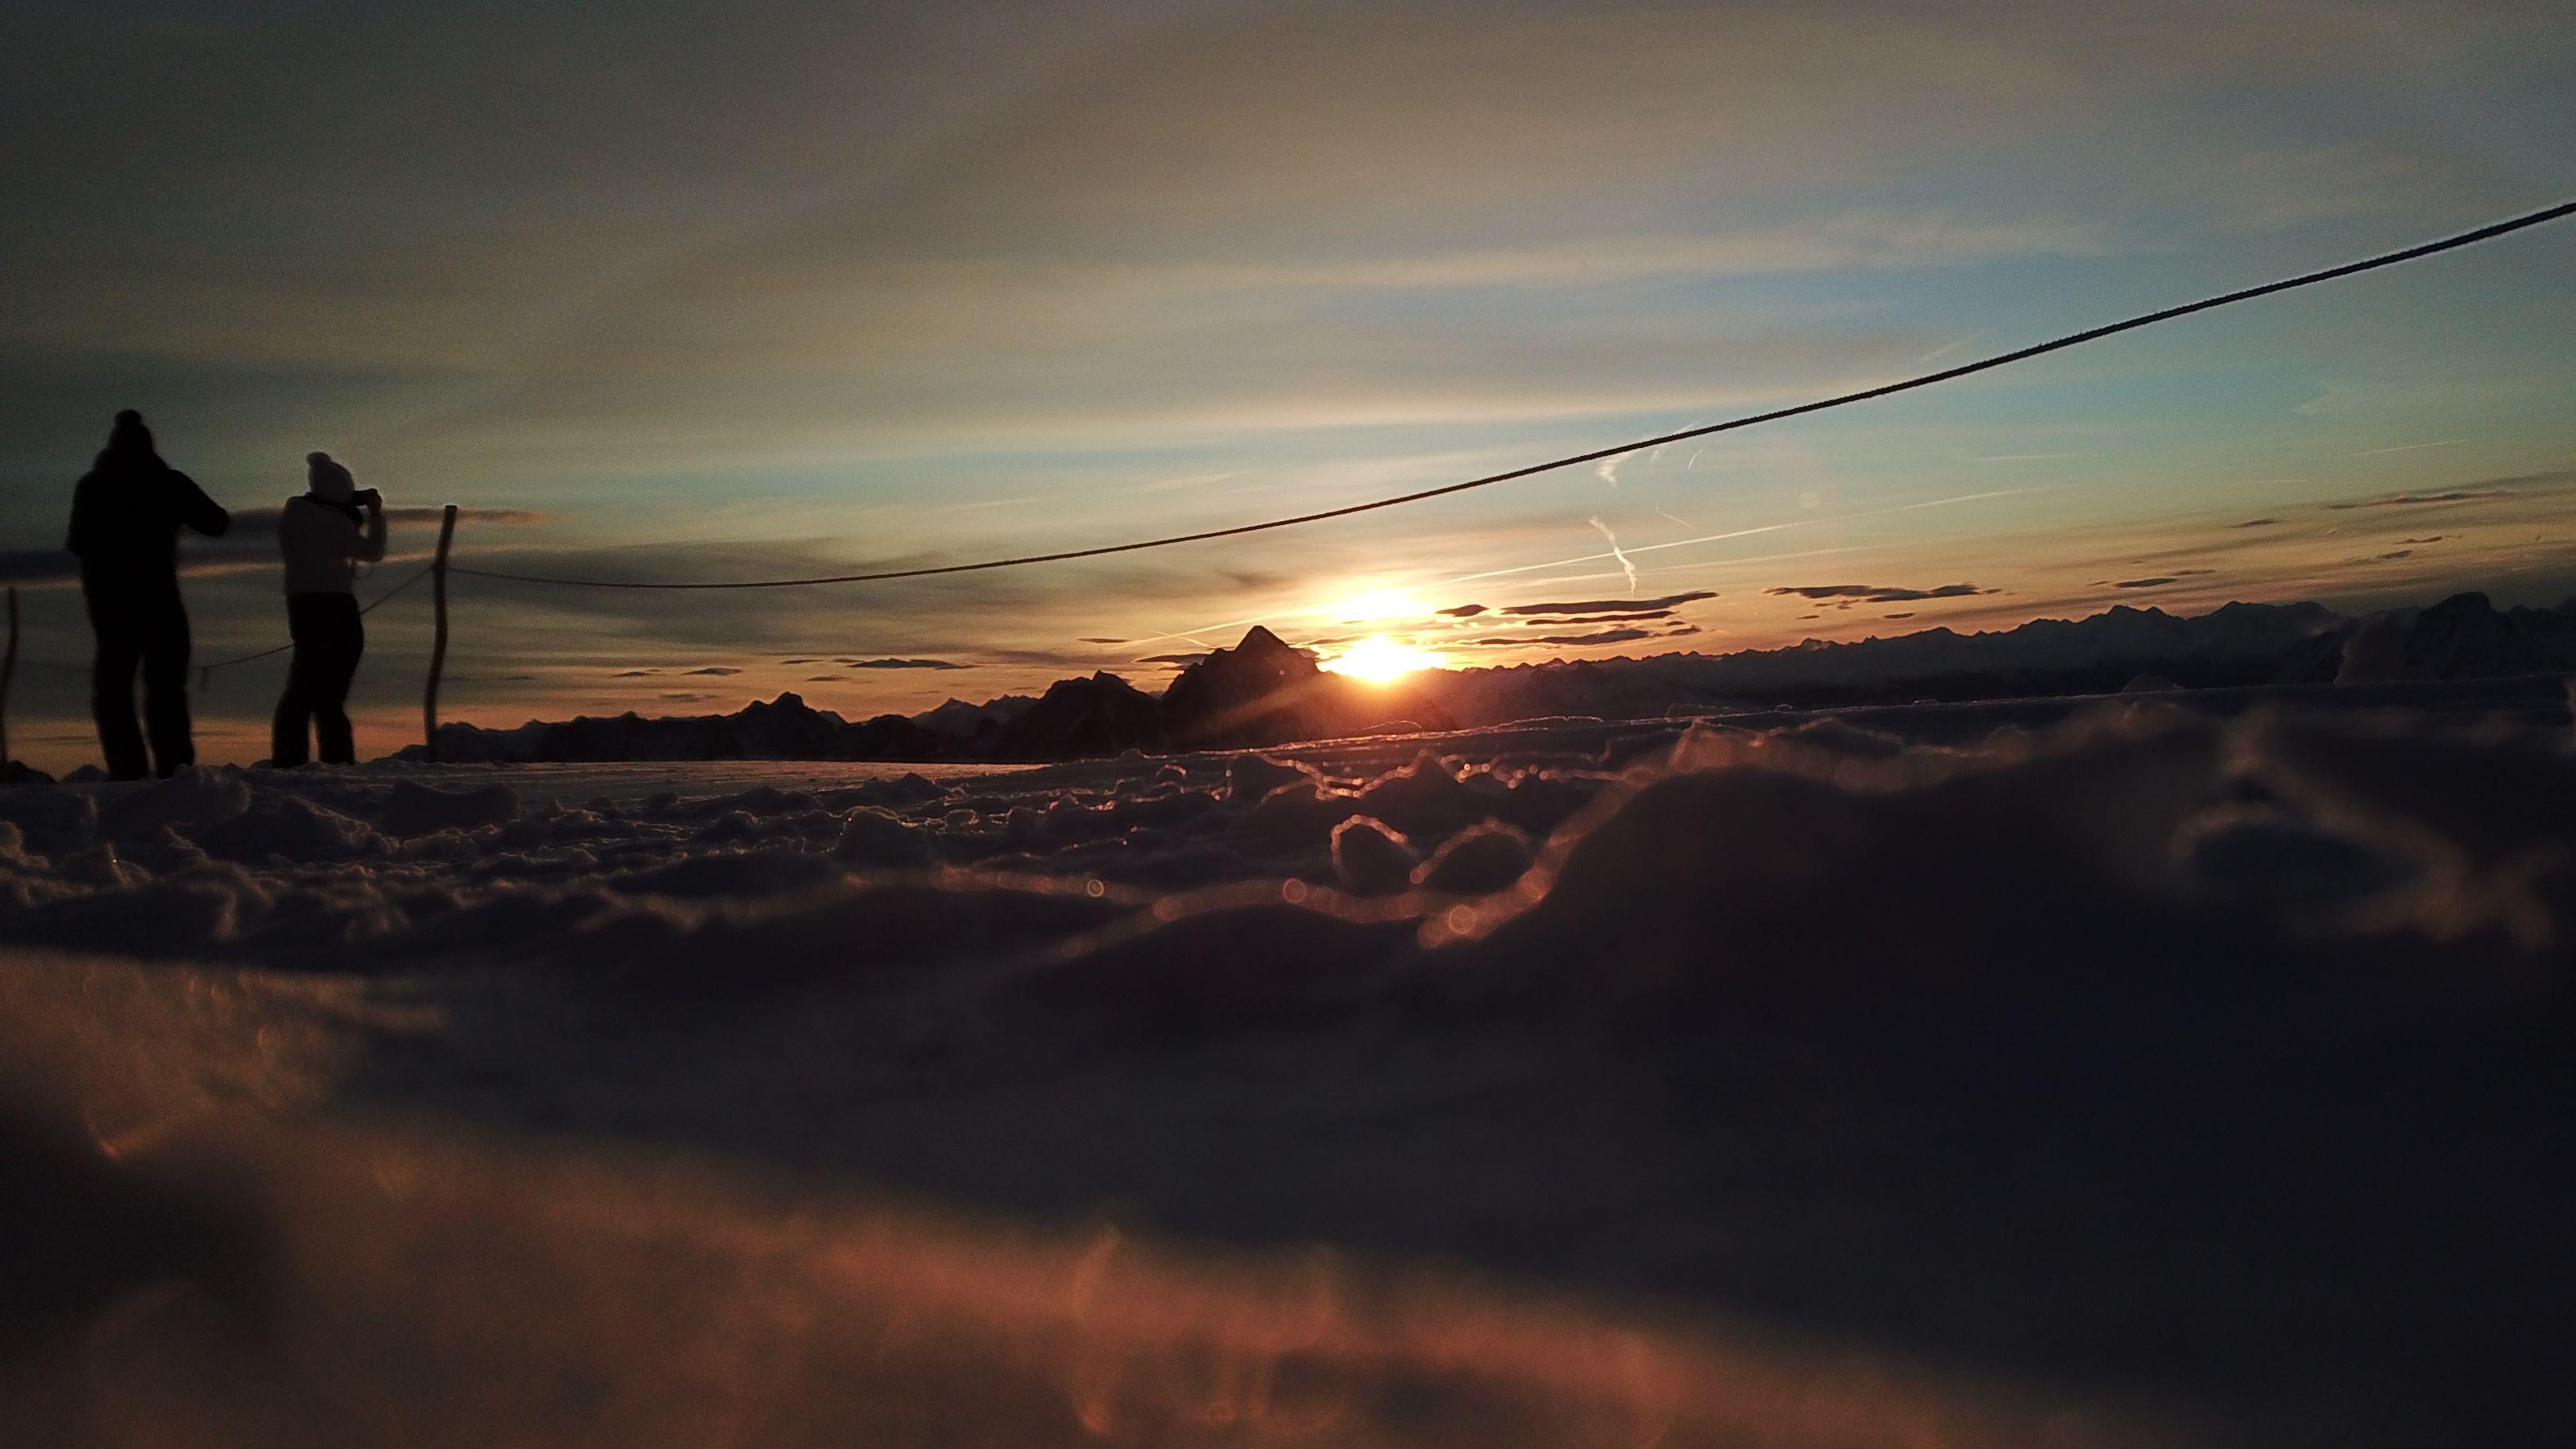 Sonnenaufgang auf rund 2.900 Meter Höhe